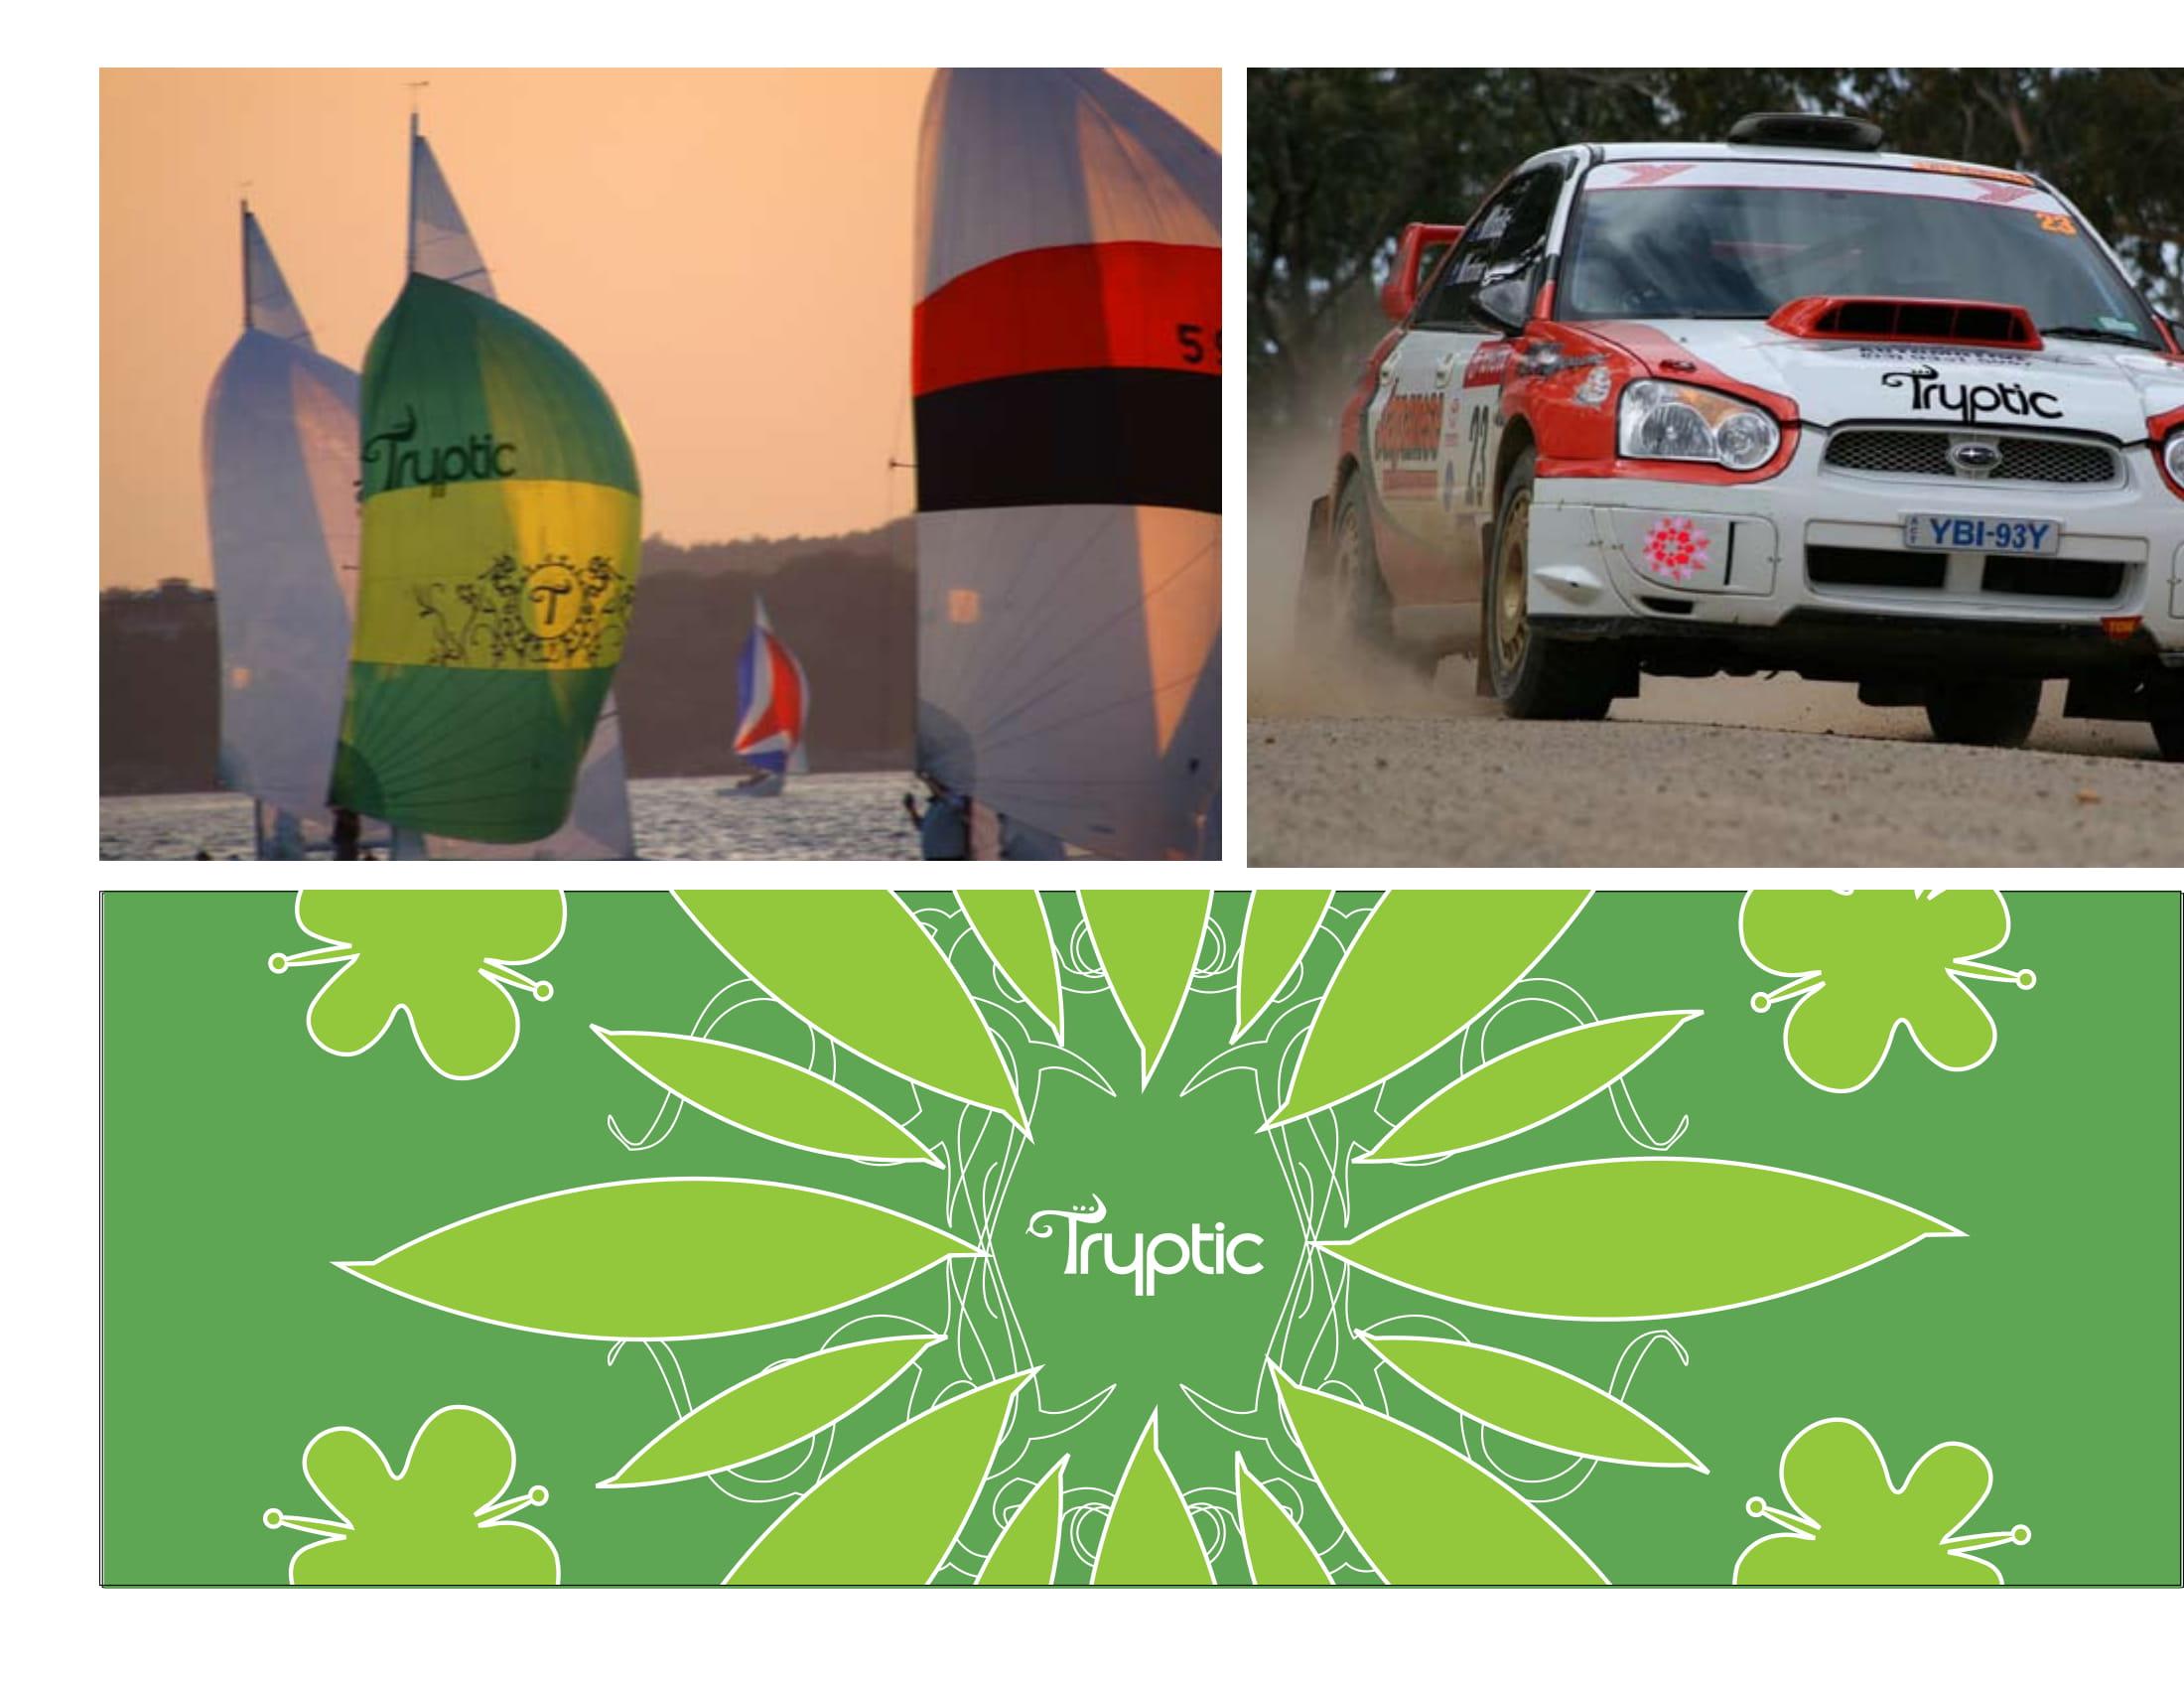 tryptic2-25.jpg